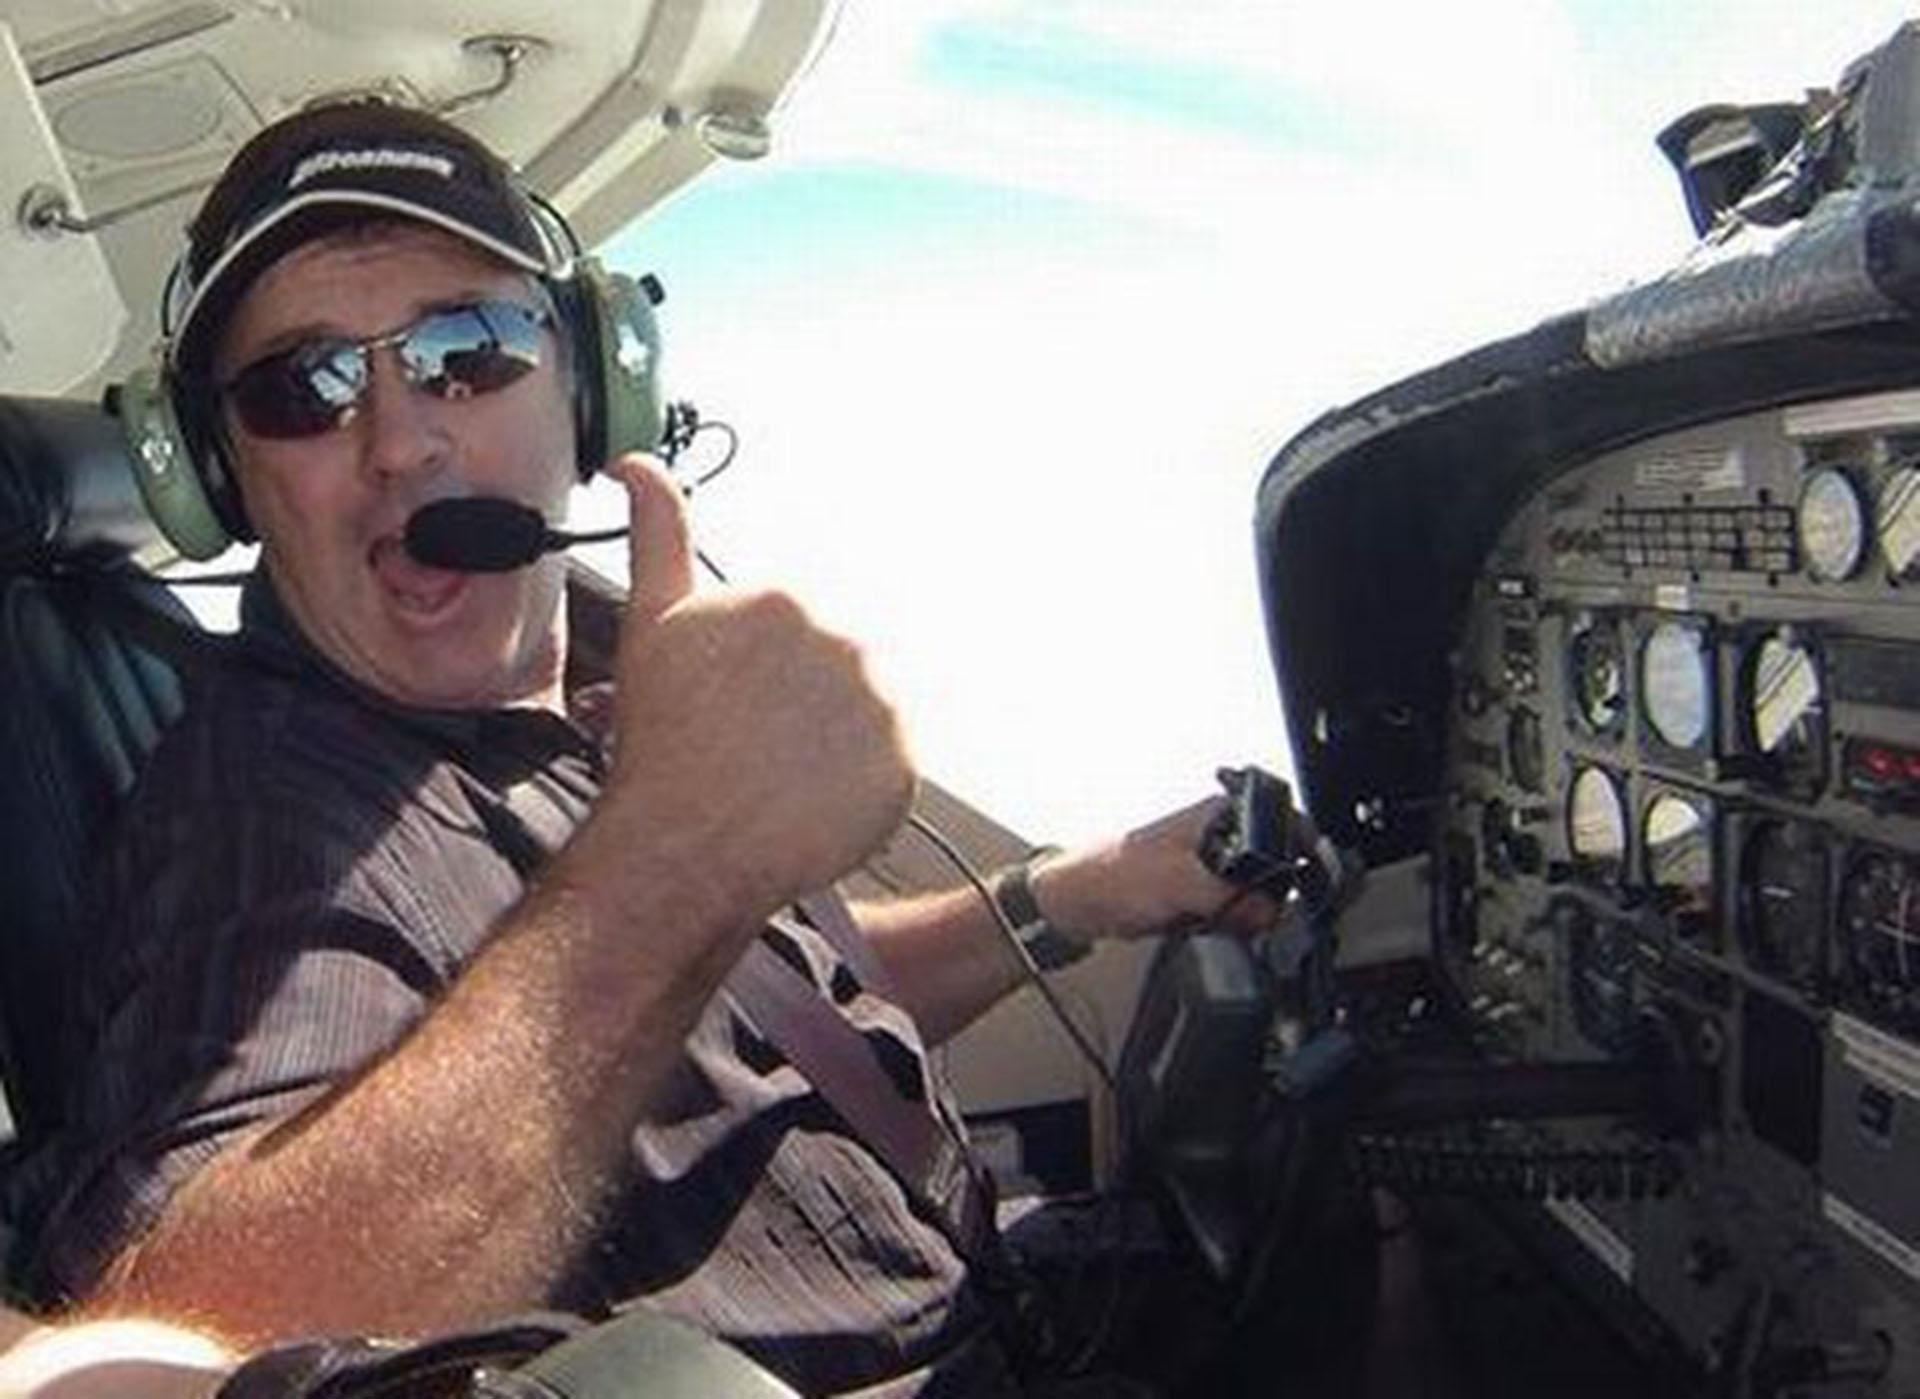 David Ibbotson, el piloto que comandaba el avión al momento de la desaparición (Foto: Grimsby Live)